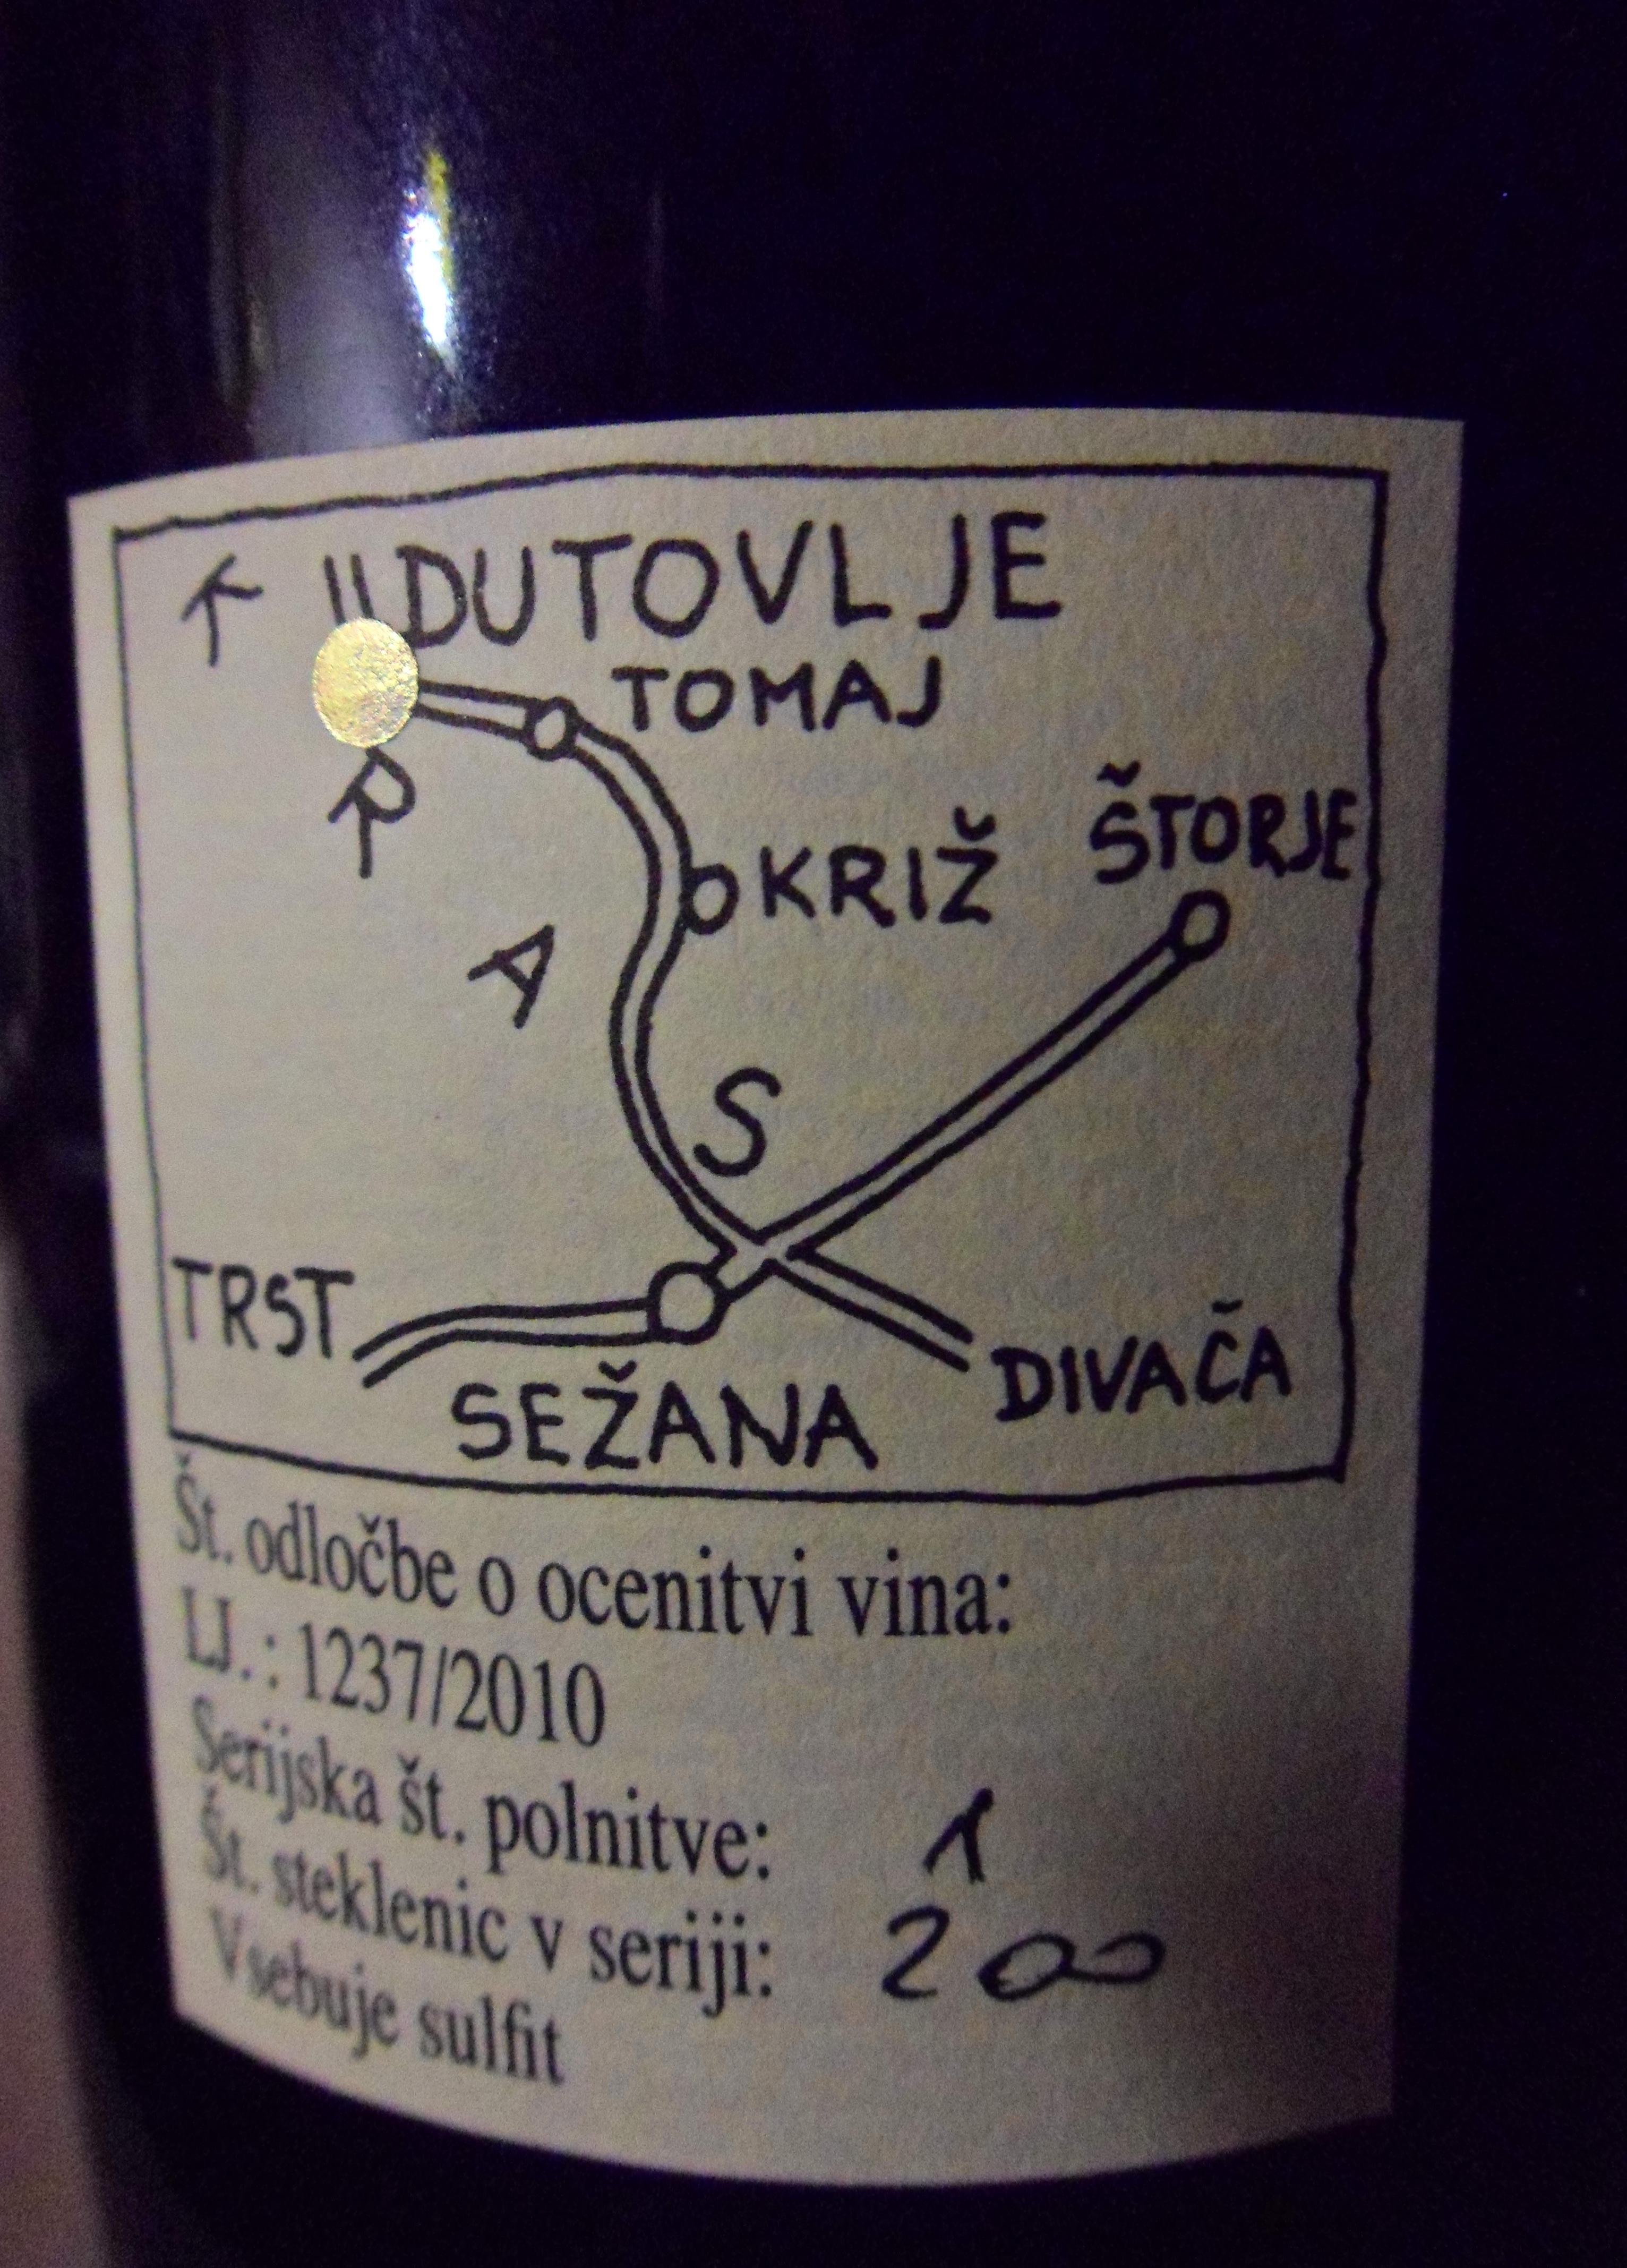 Retroetichetta Terrano 2009 Milivoj Sirca